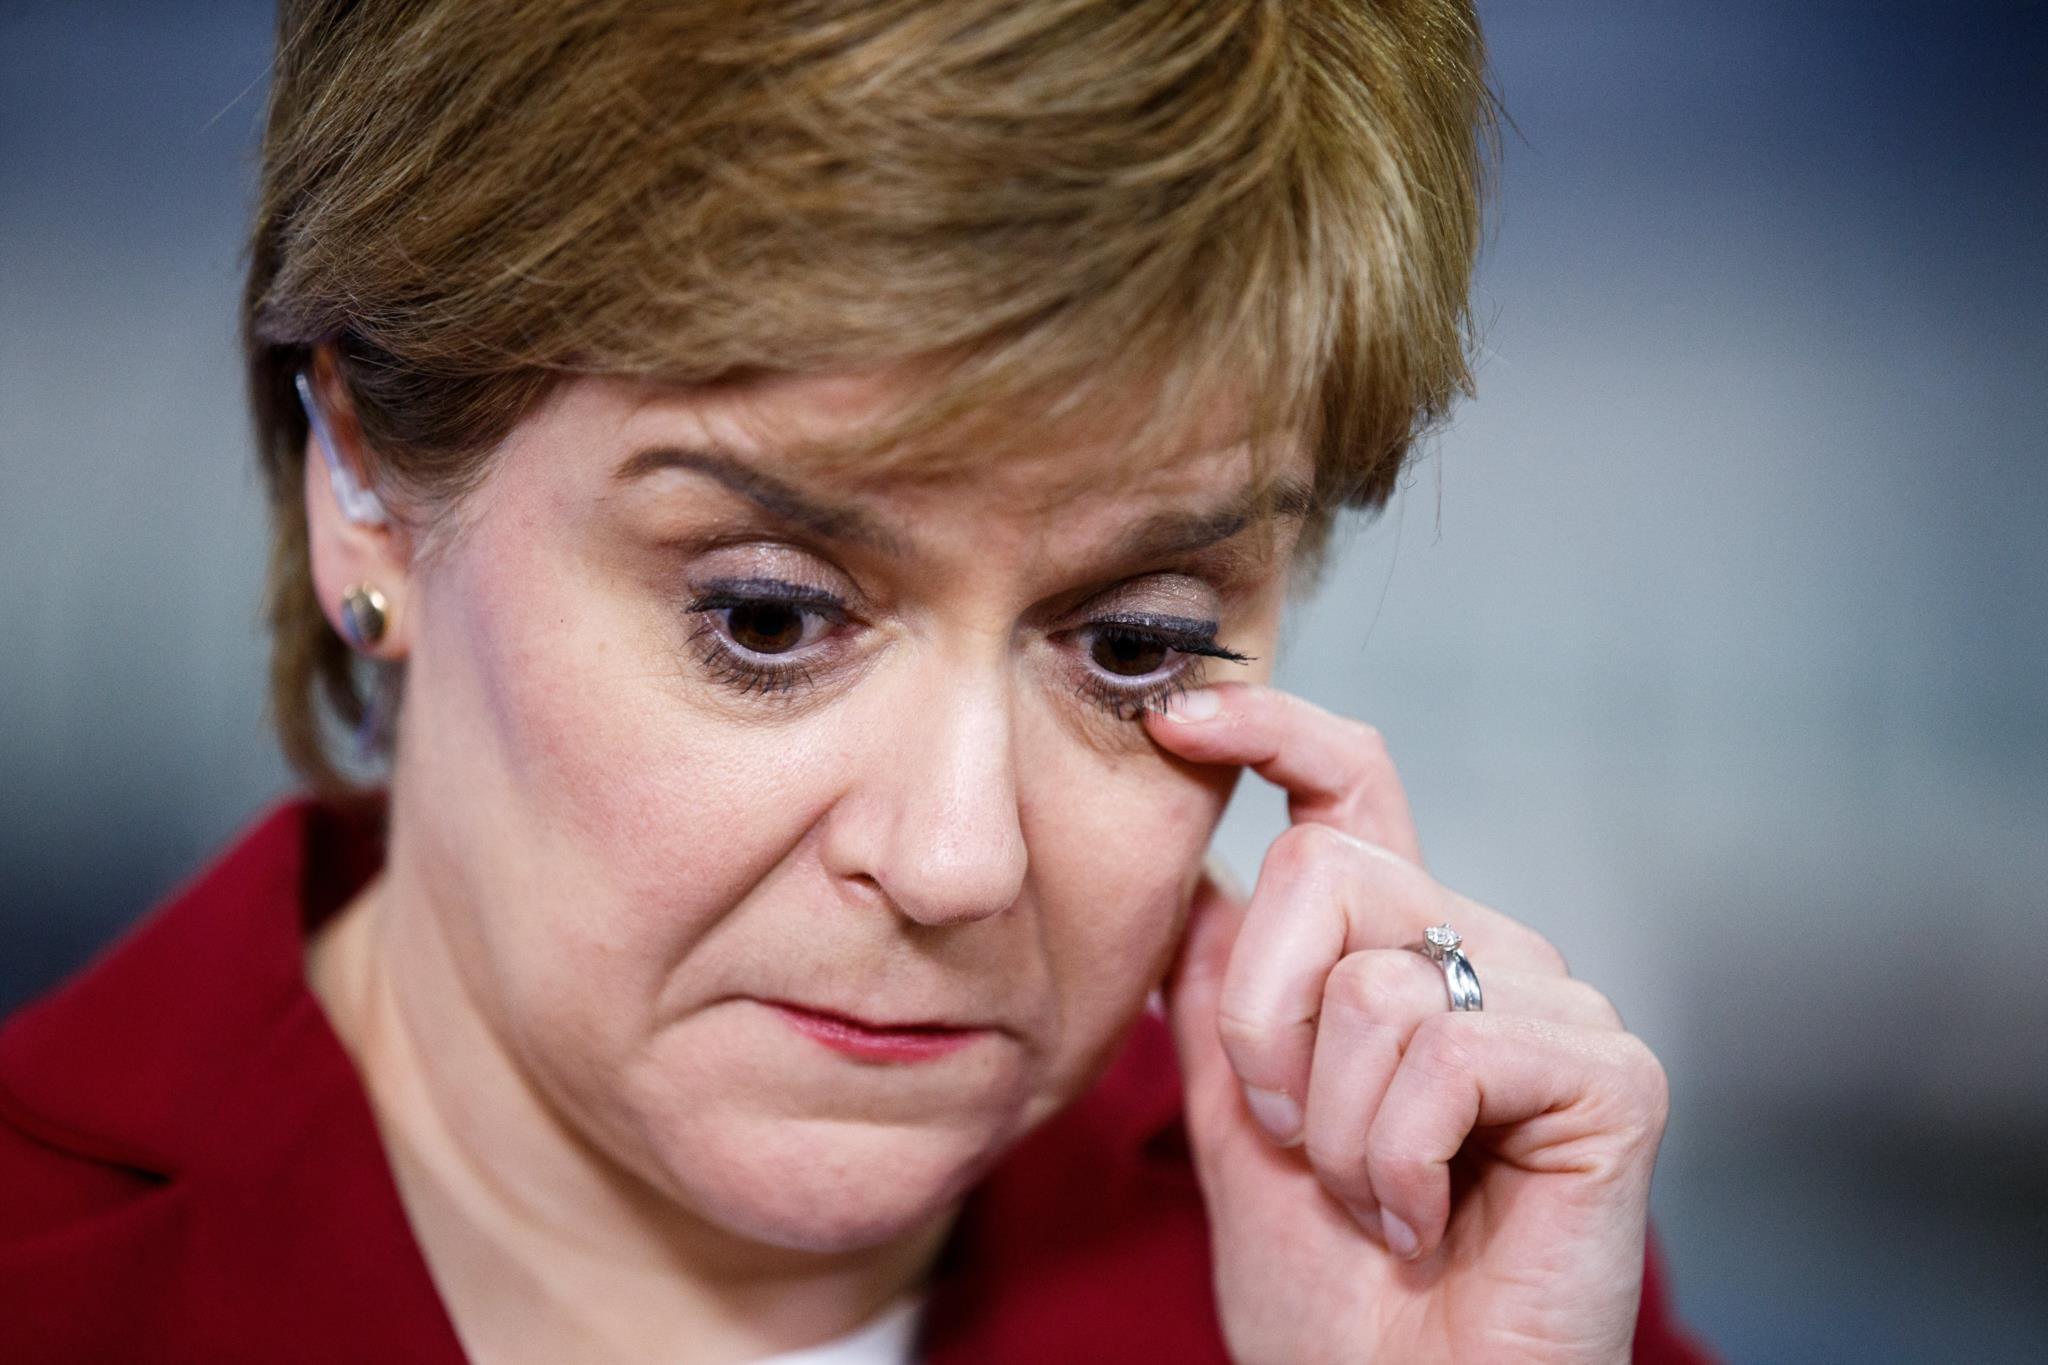 Nicola Sturgeon, líder do Partido Nacional Escocês, não conseguiu repetir o resultado sem precedentes obtido nas últimas eleições britânicas